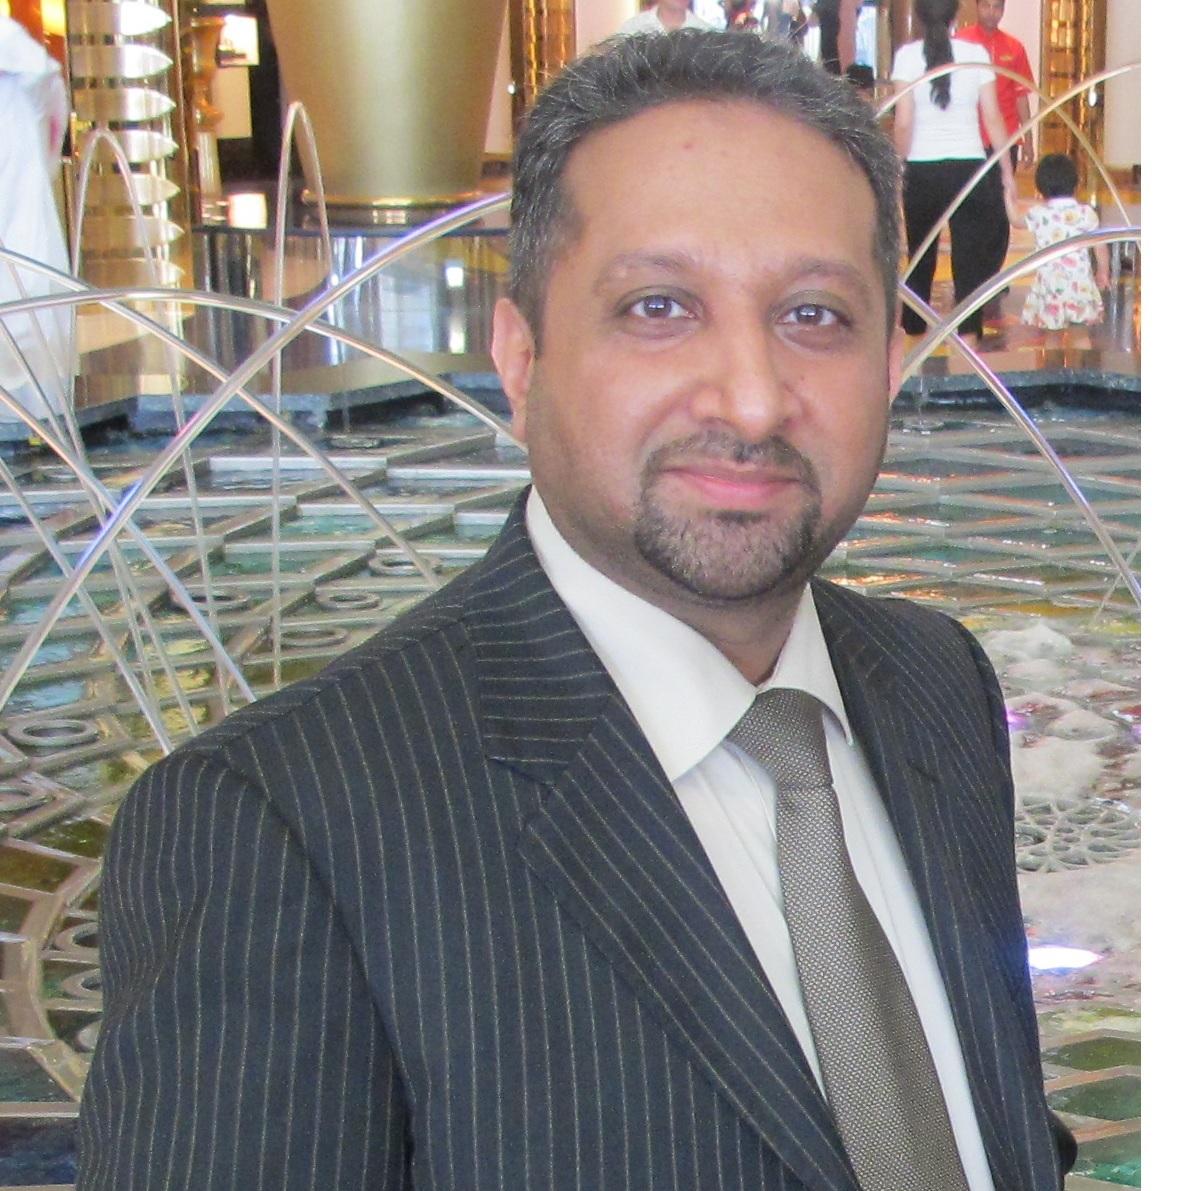 Ahsan Rauf Bhatti